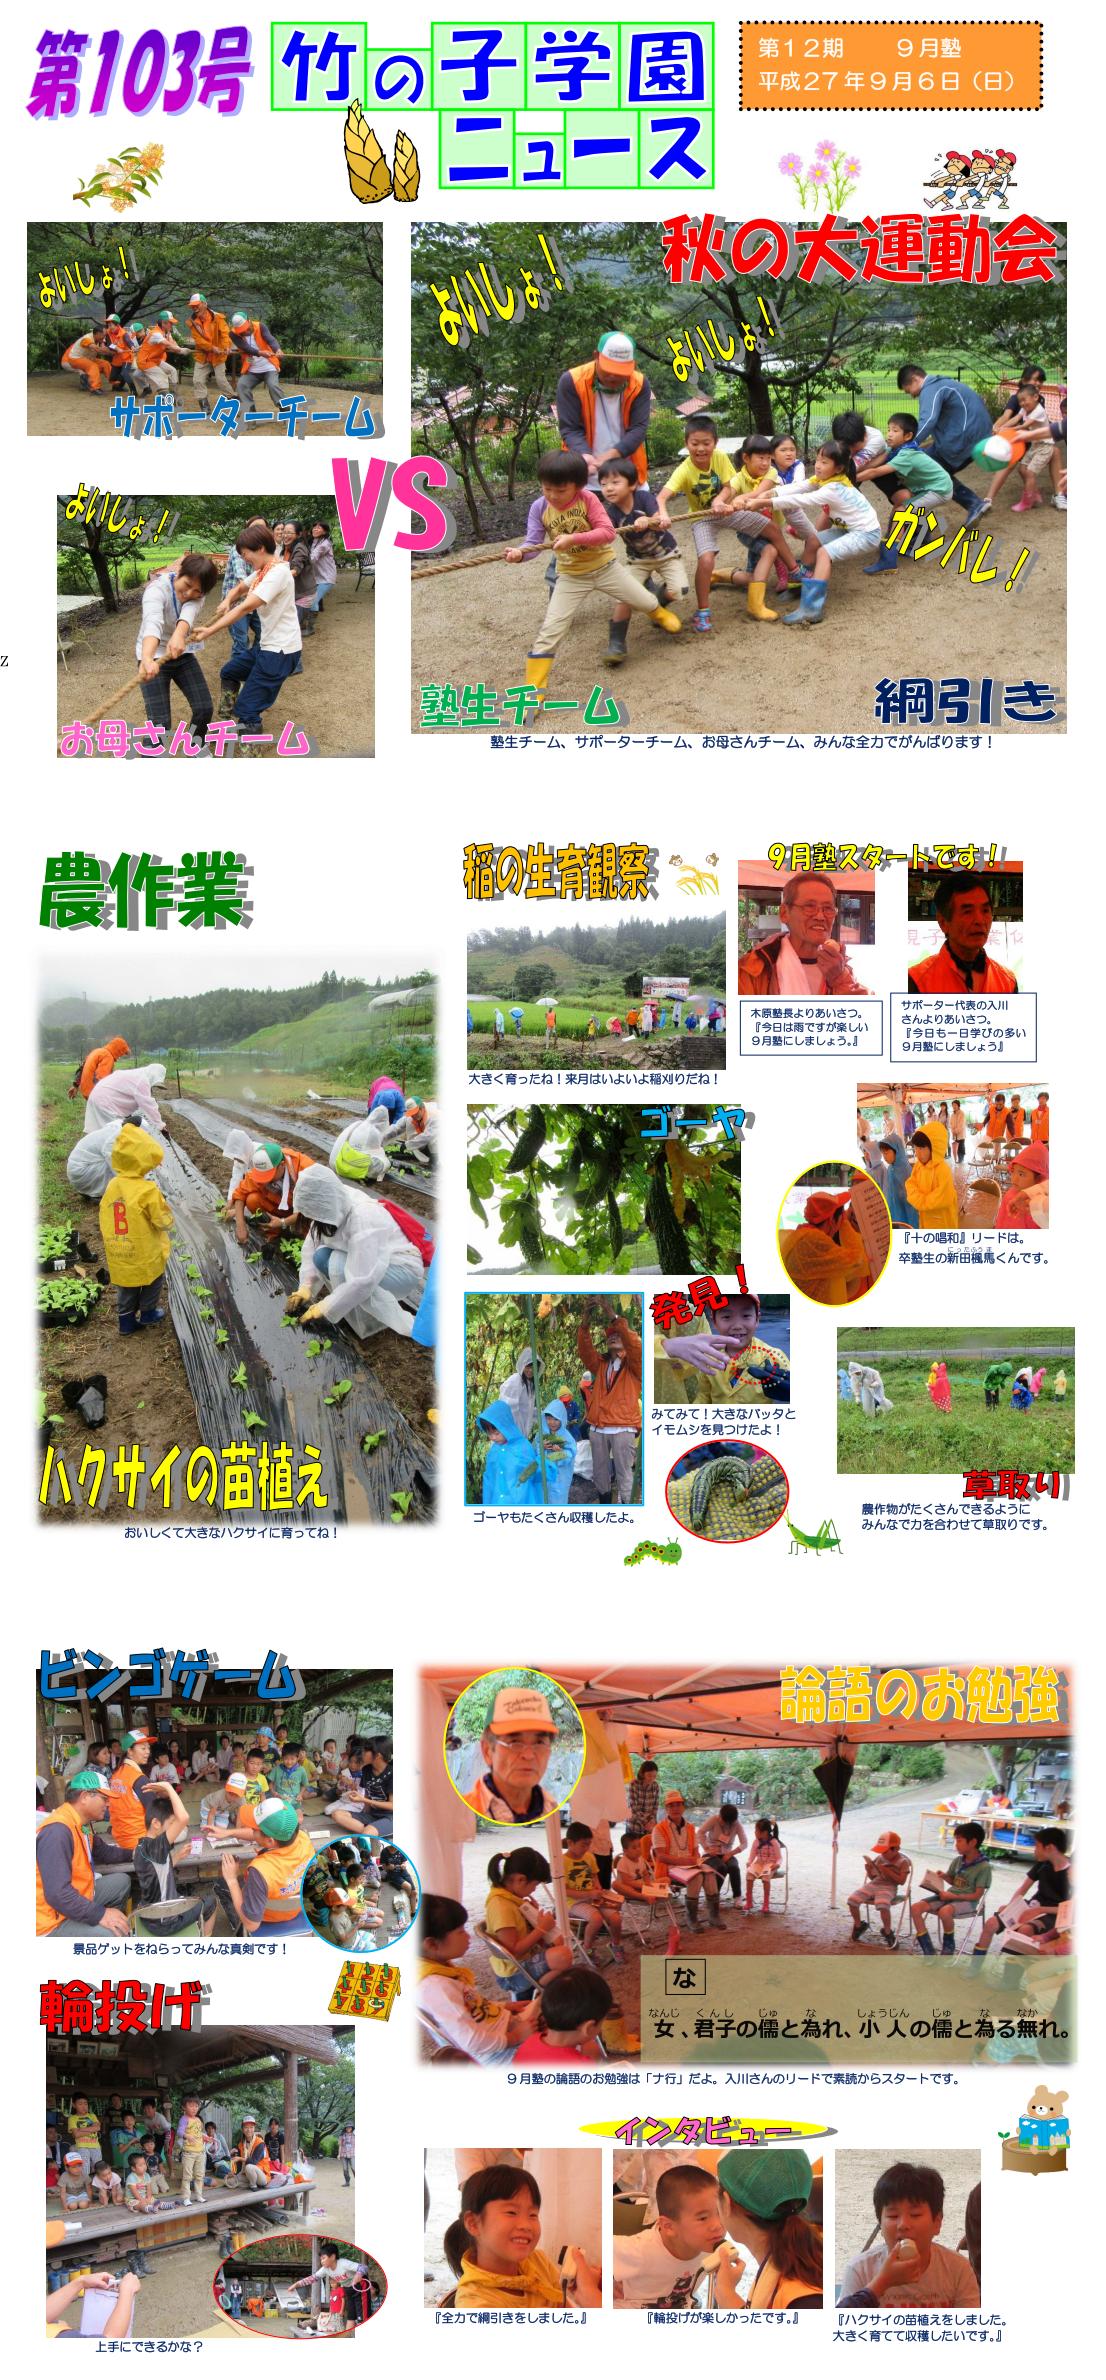 2015.1 takenoko103